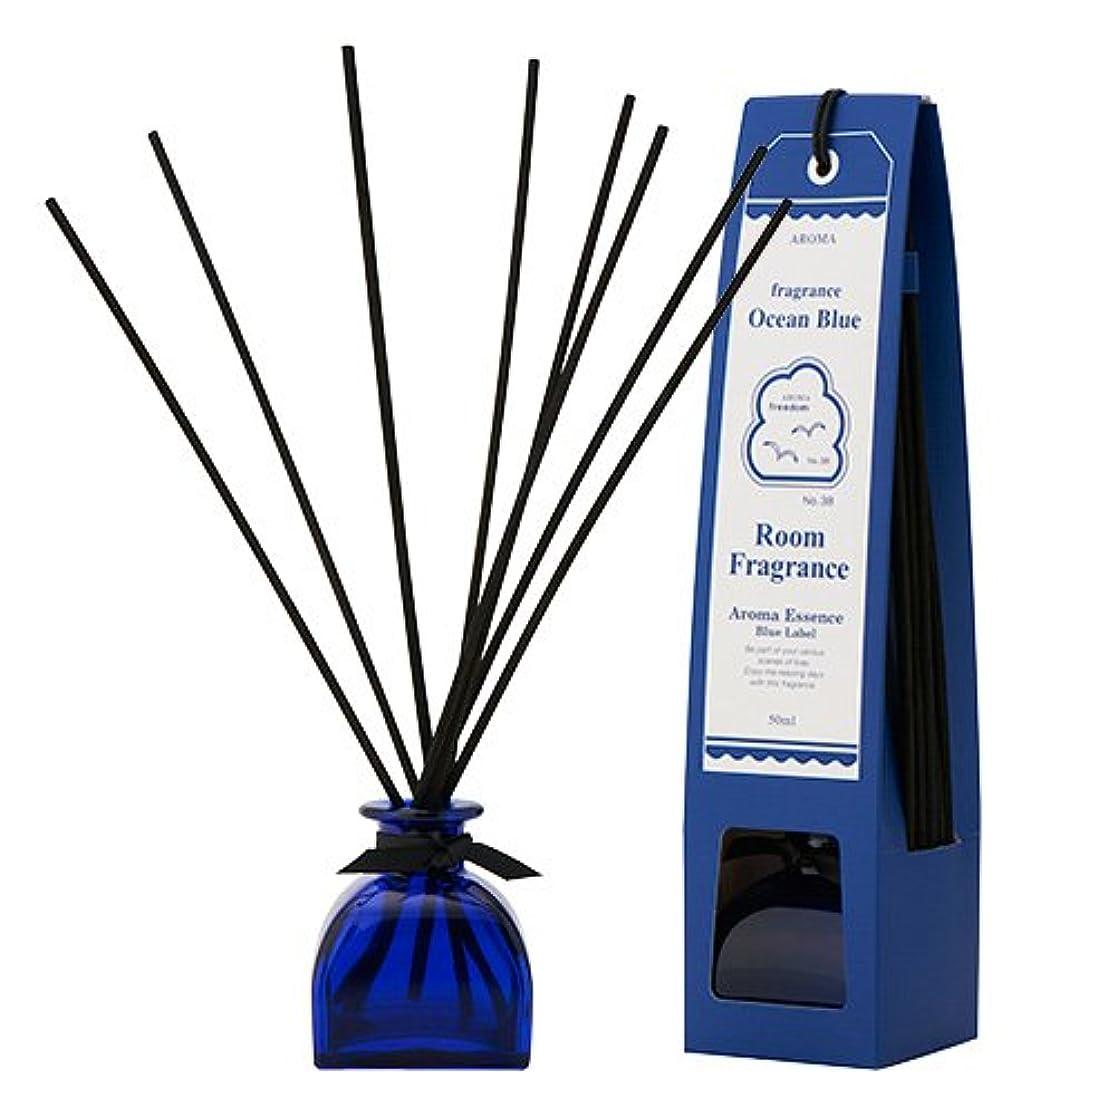 選択する奨励します分ブルーラベル ルームフレグランス オーシャンブルー 50ml(芳香剤 リードディフューザー 海の爽快さを思い出させる香り)